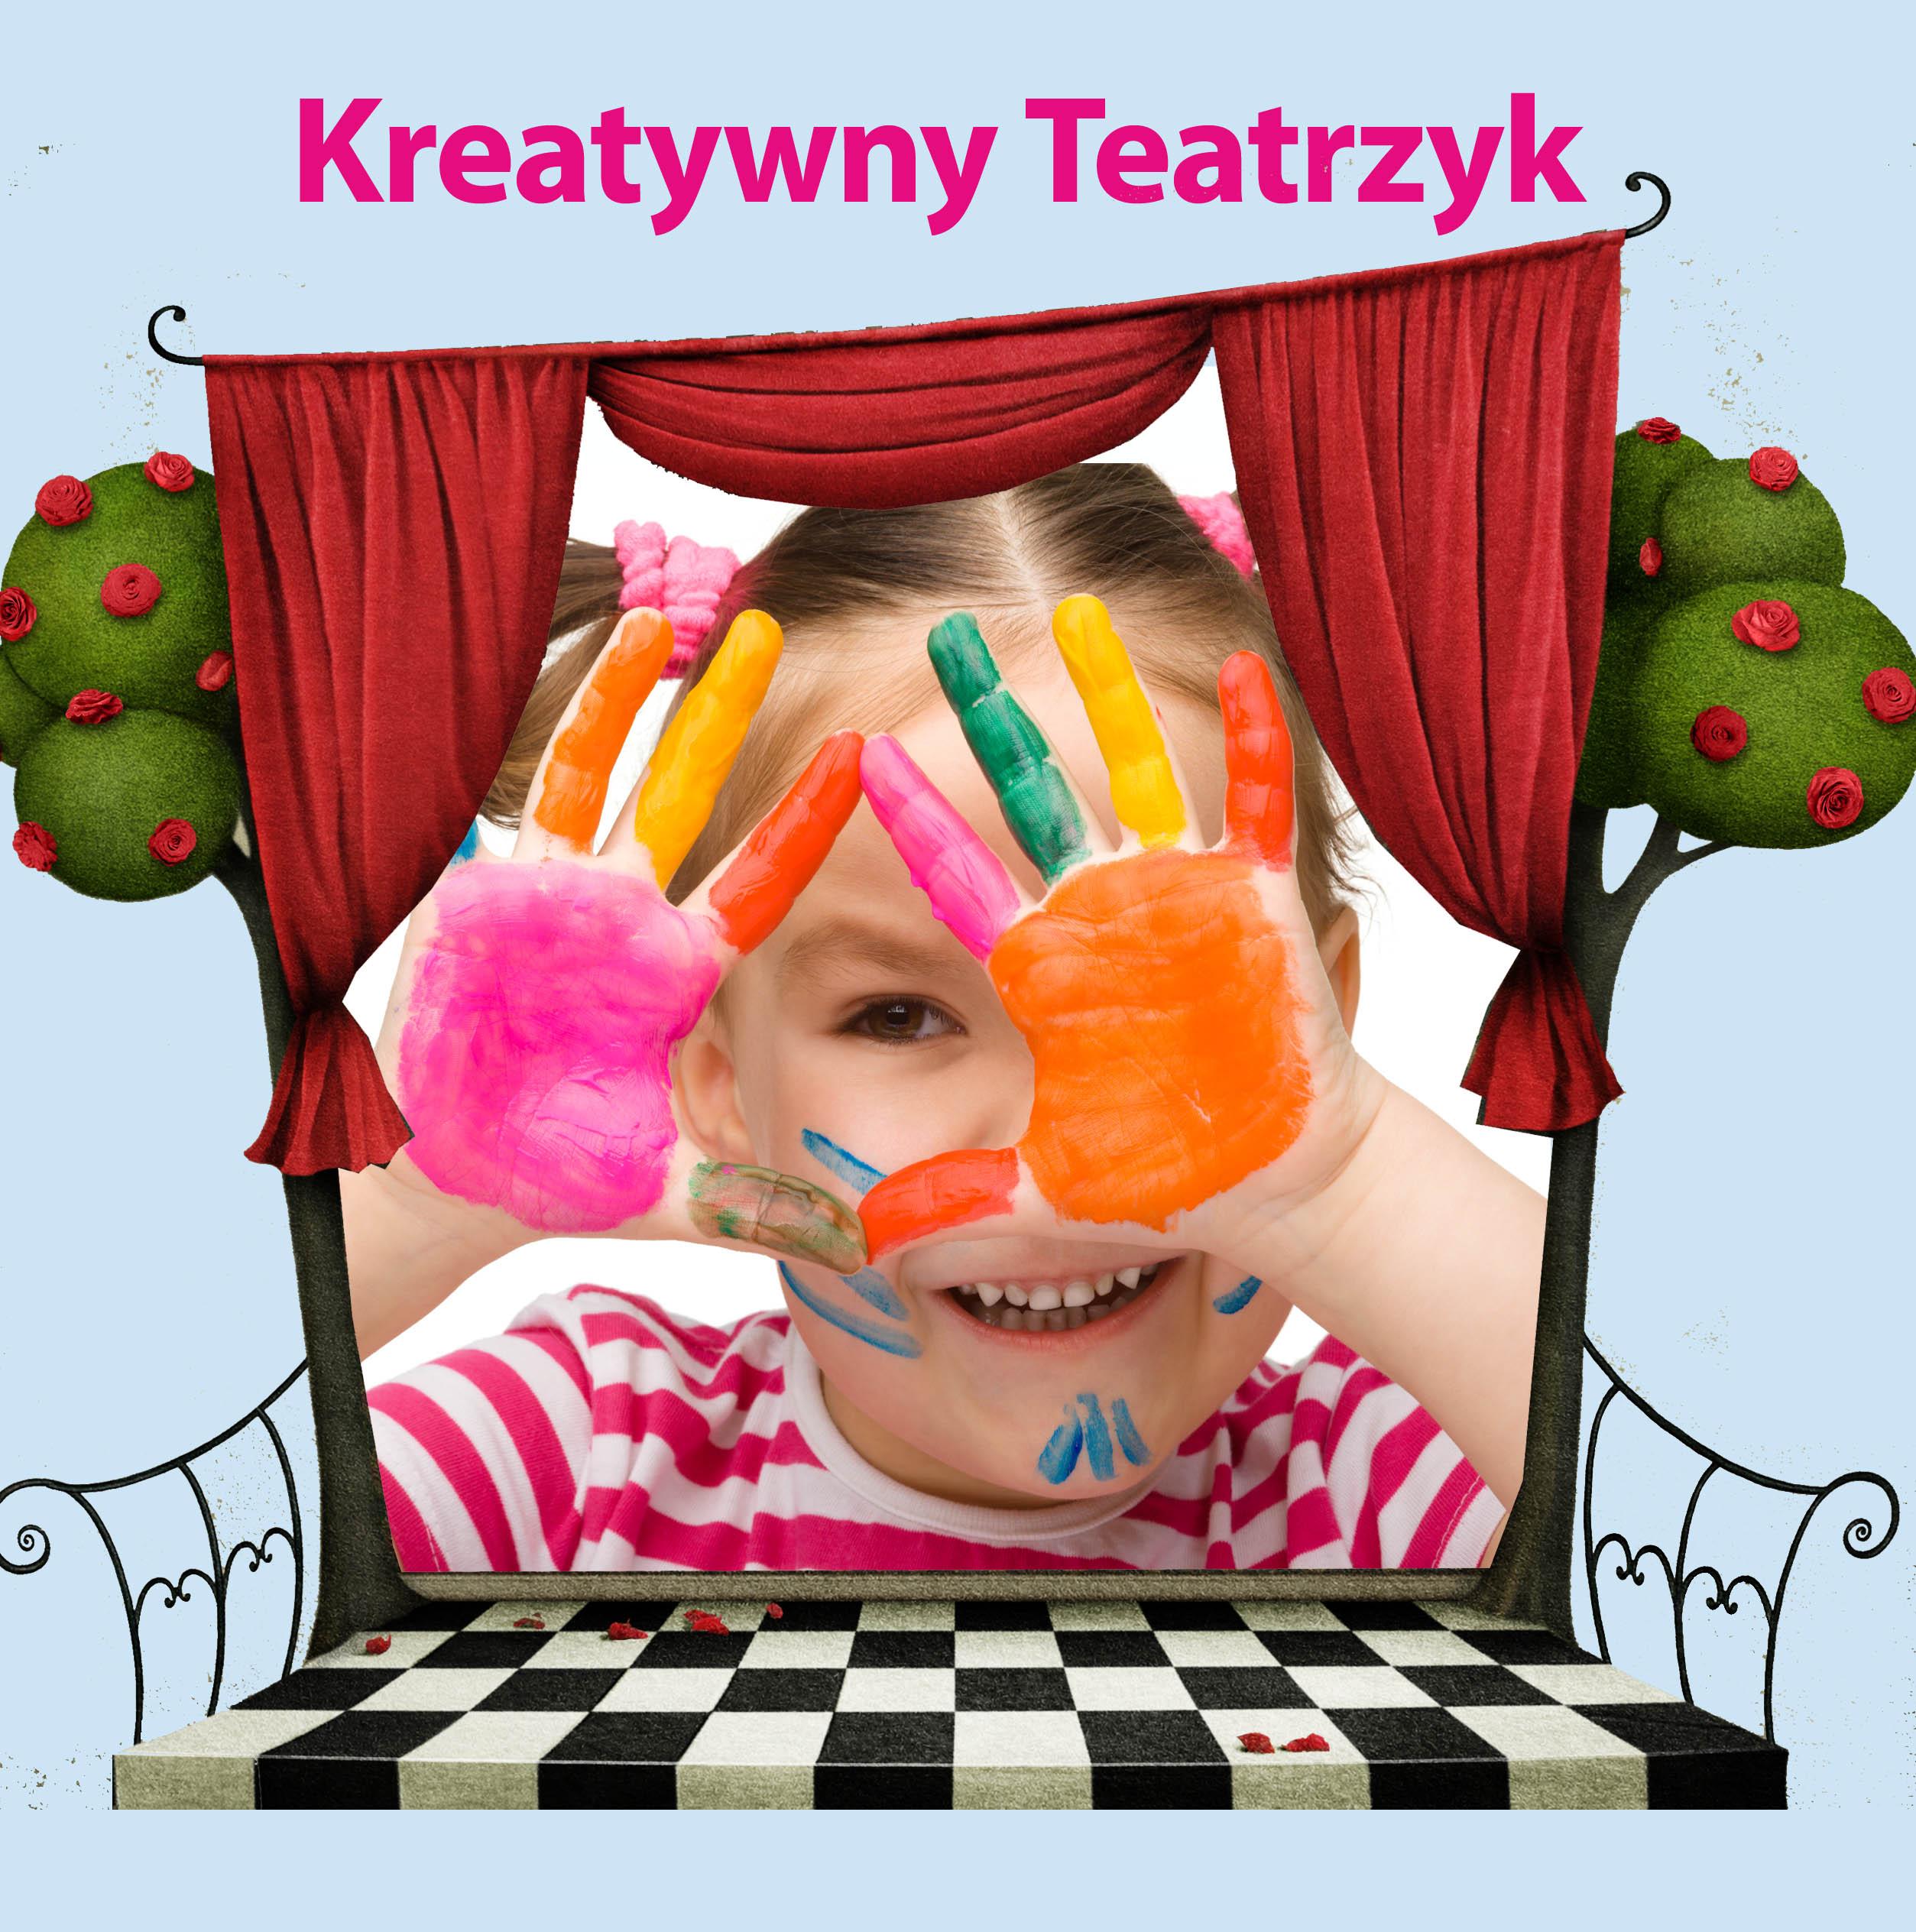 kreatywny-teatrzyk11